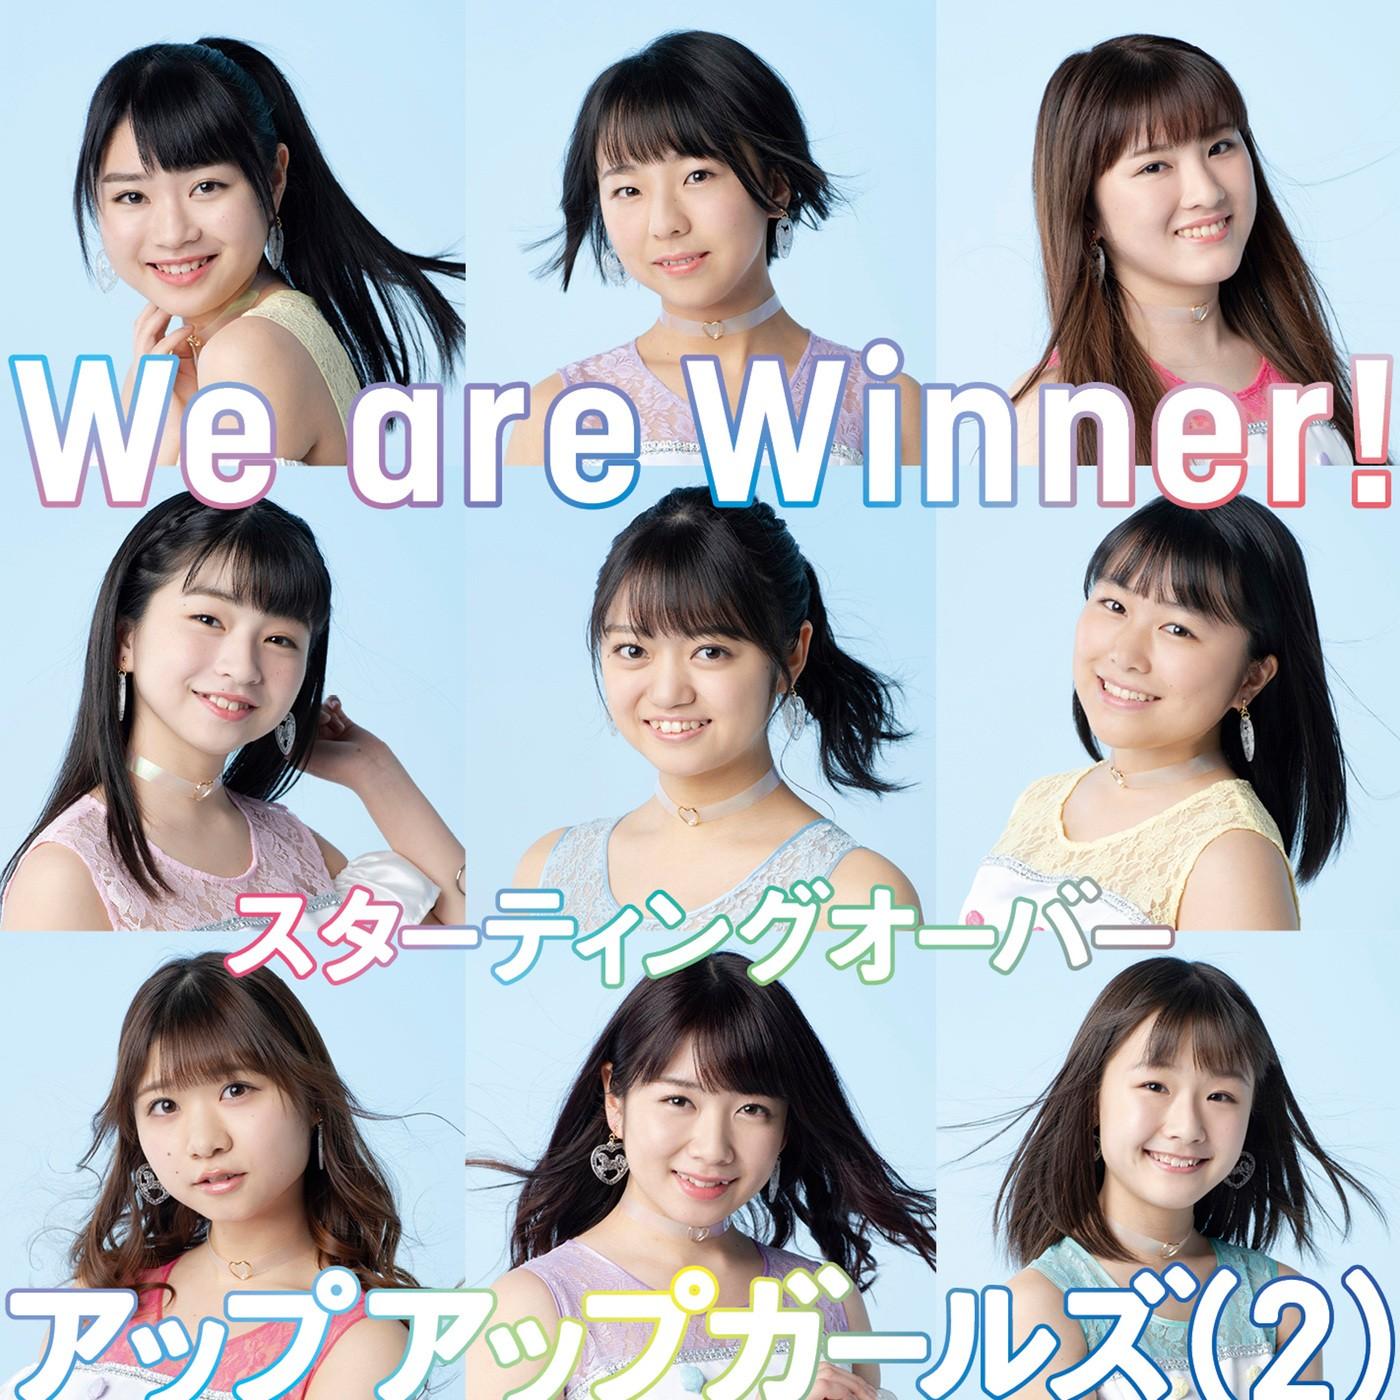 アップアップガールズ(2) – We are Winner! / スターティングオーバー [FLAC + MP3 320 / WEB] [2019.04.02]